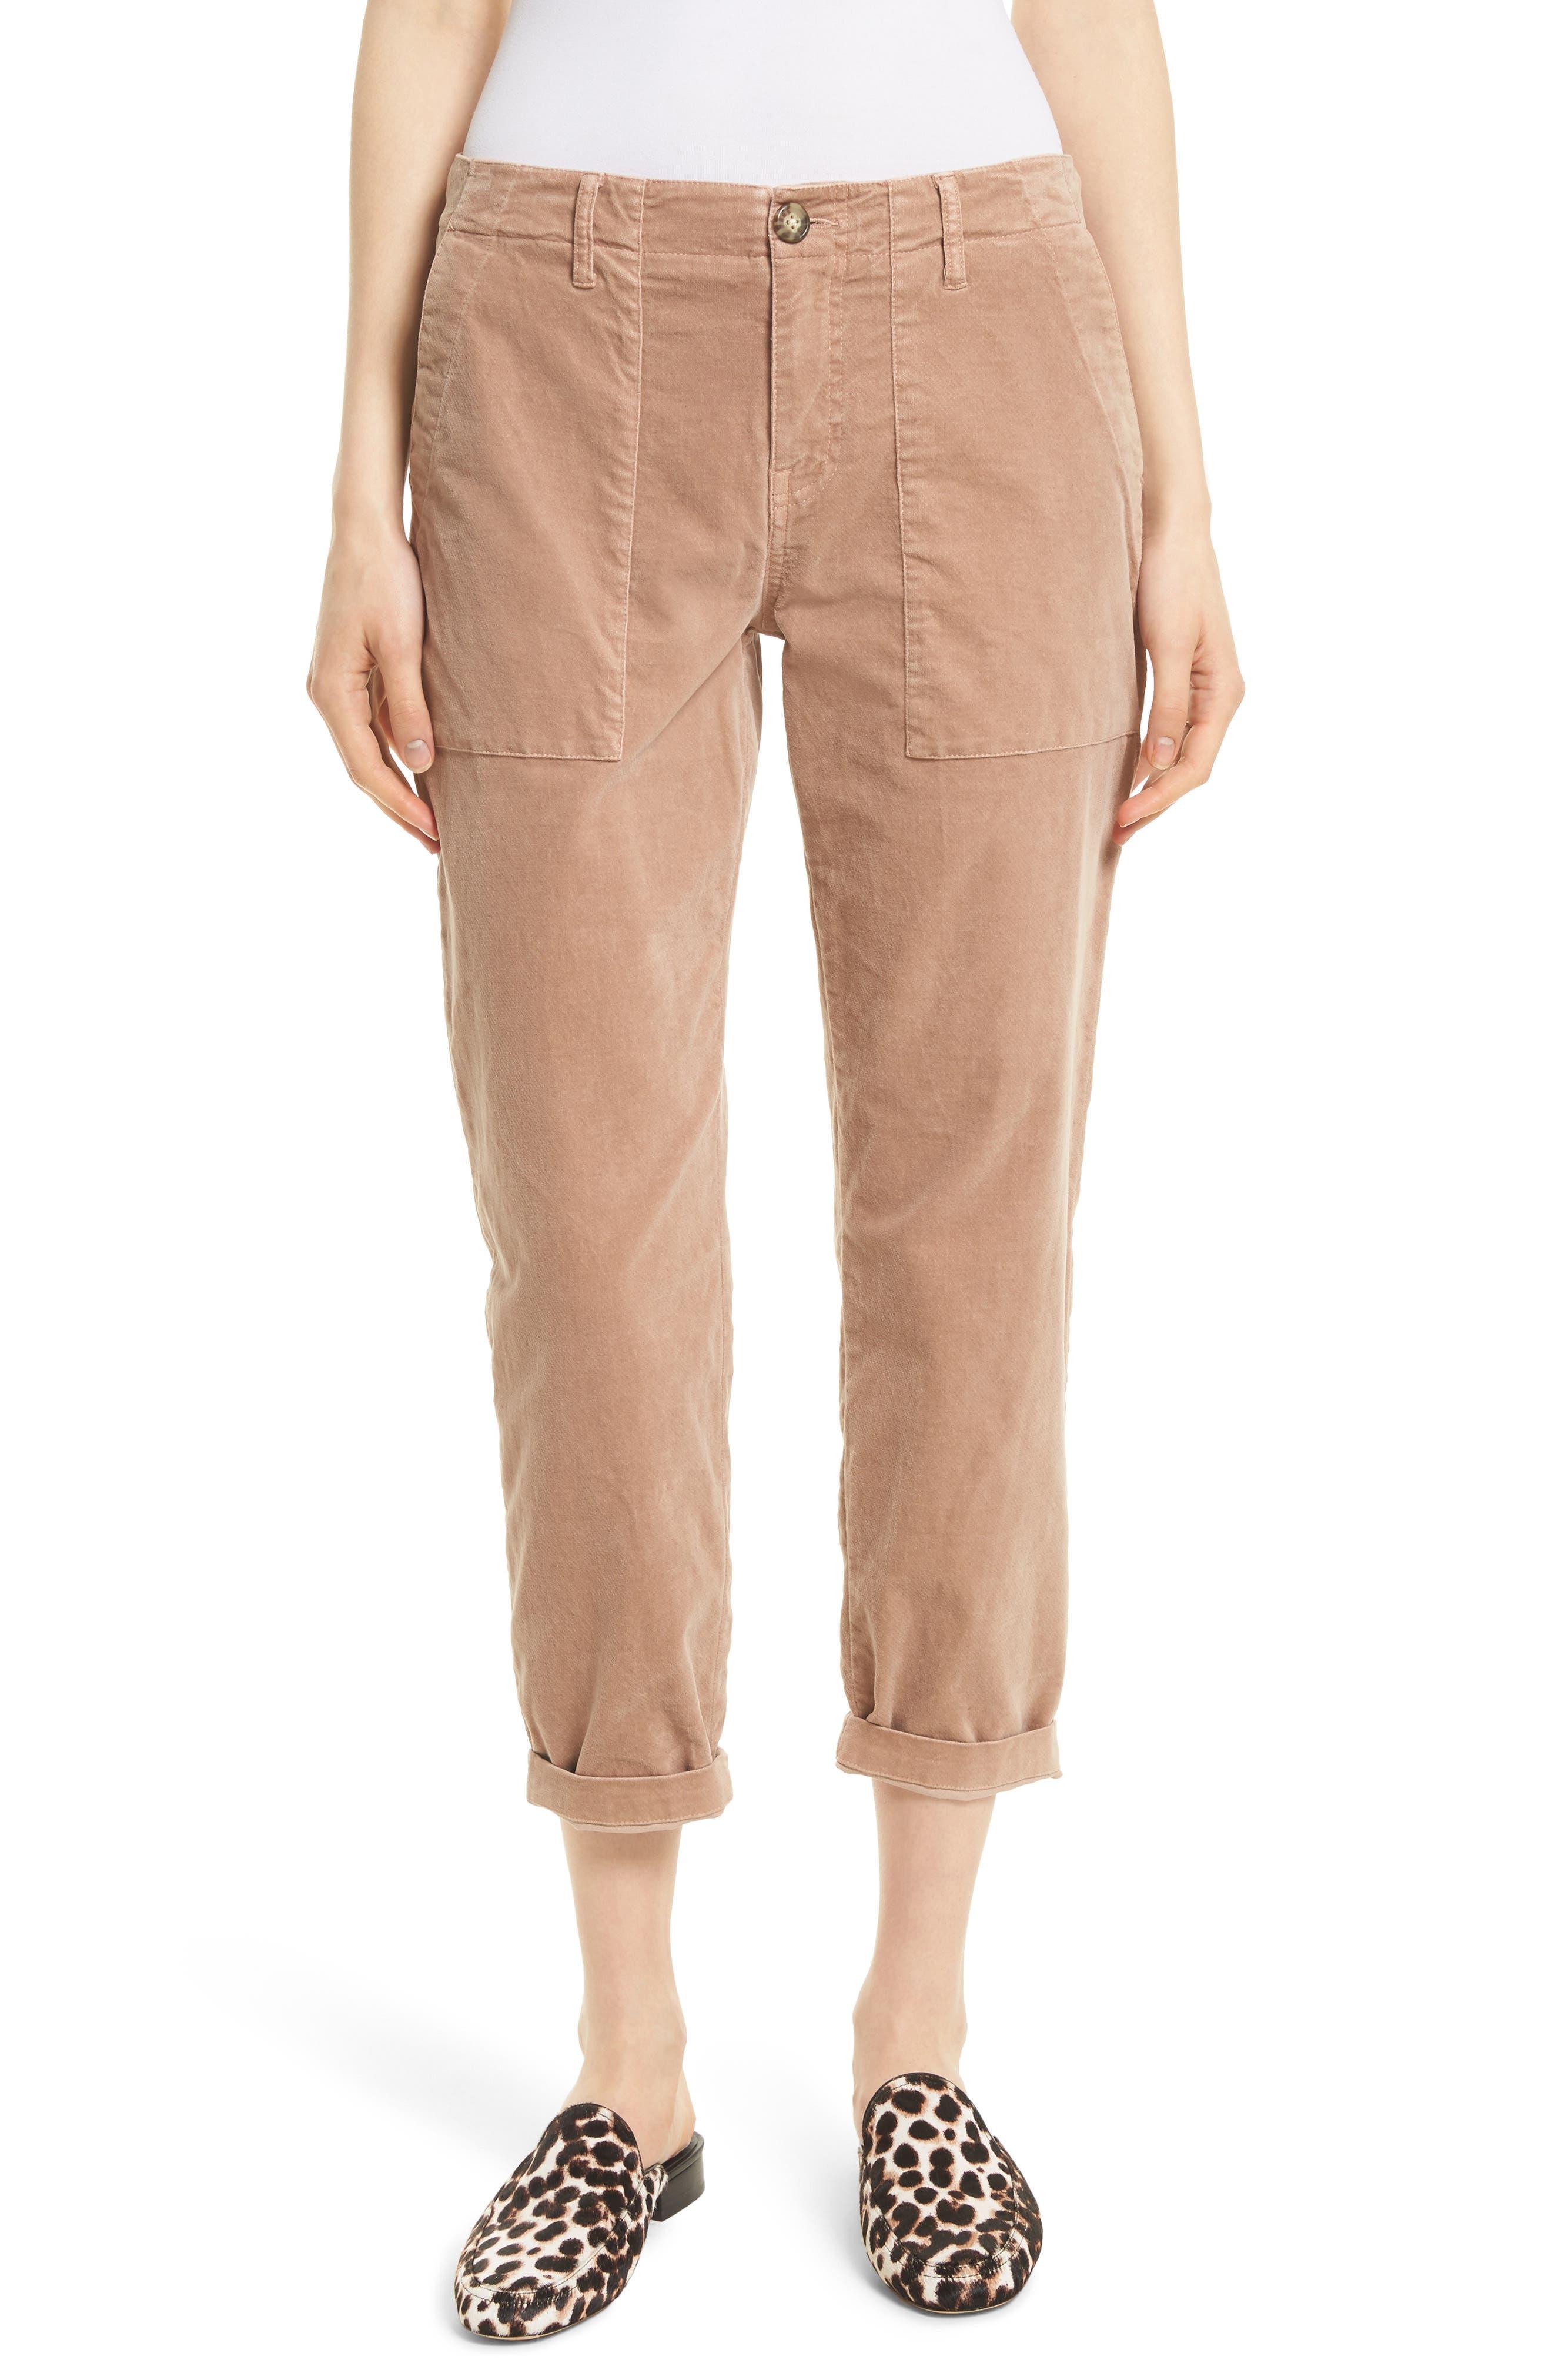 Painter Chino Pants,                         Main,                         color, Deep Blush